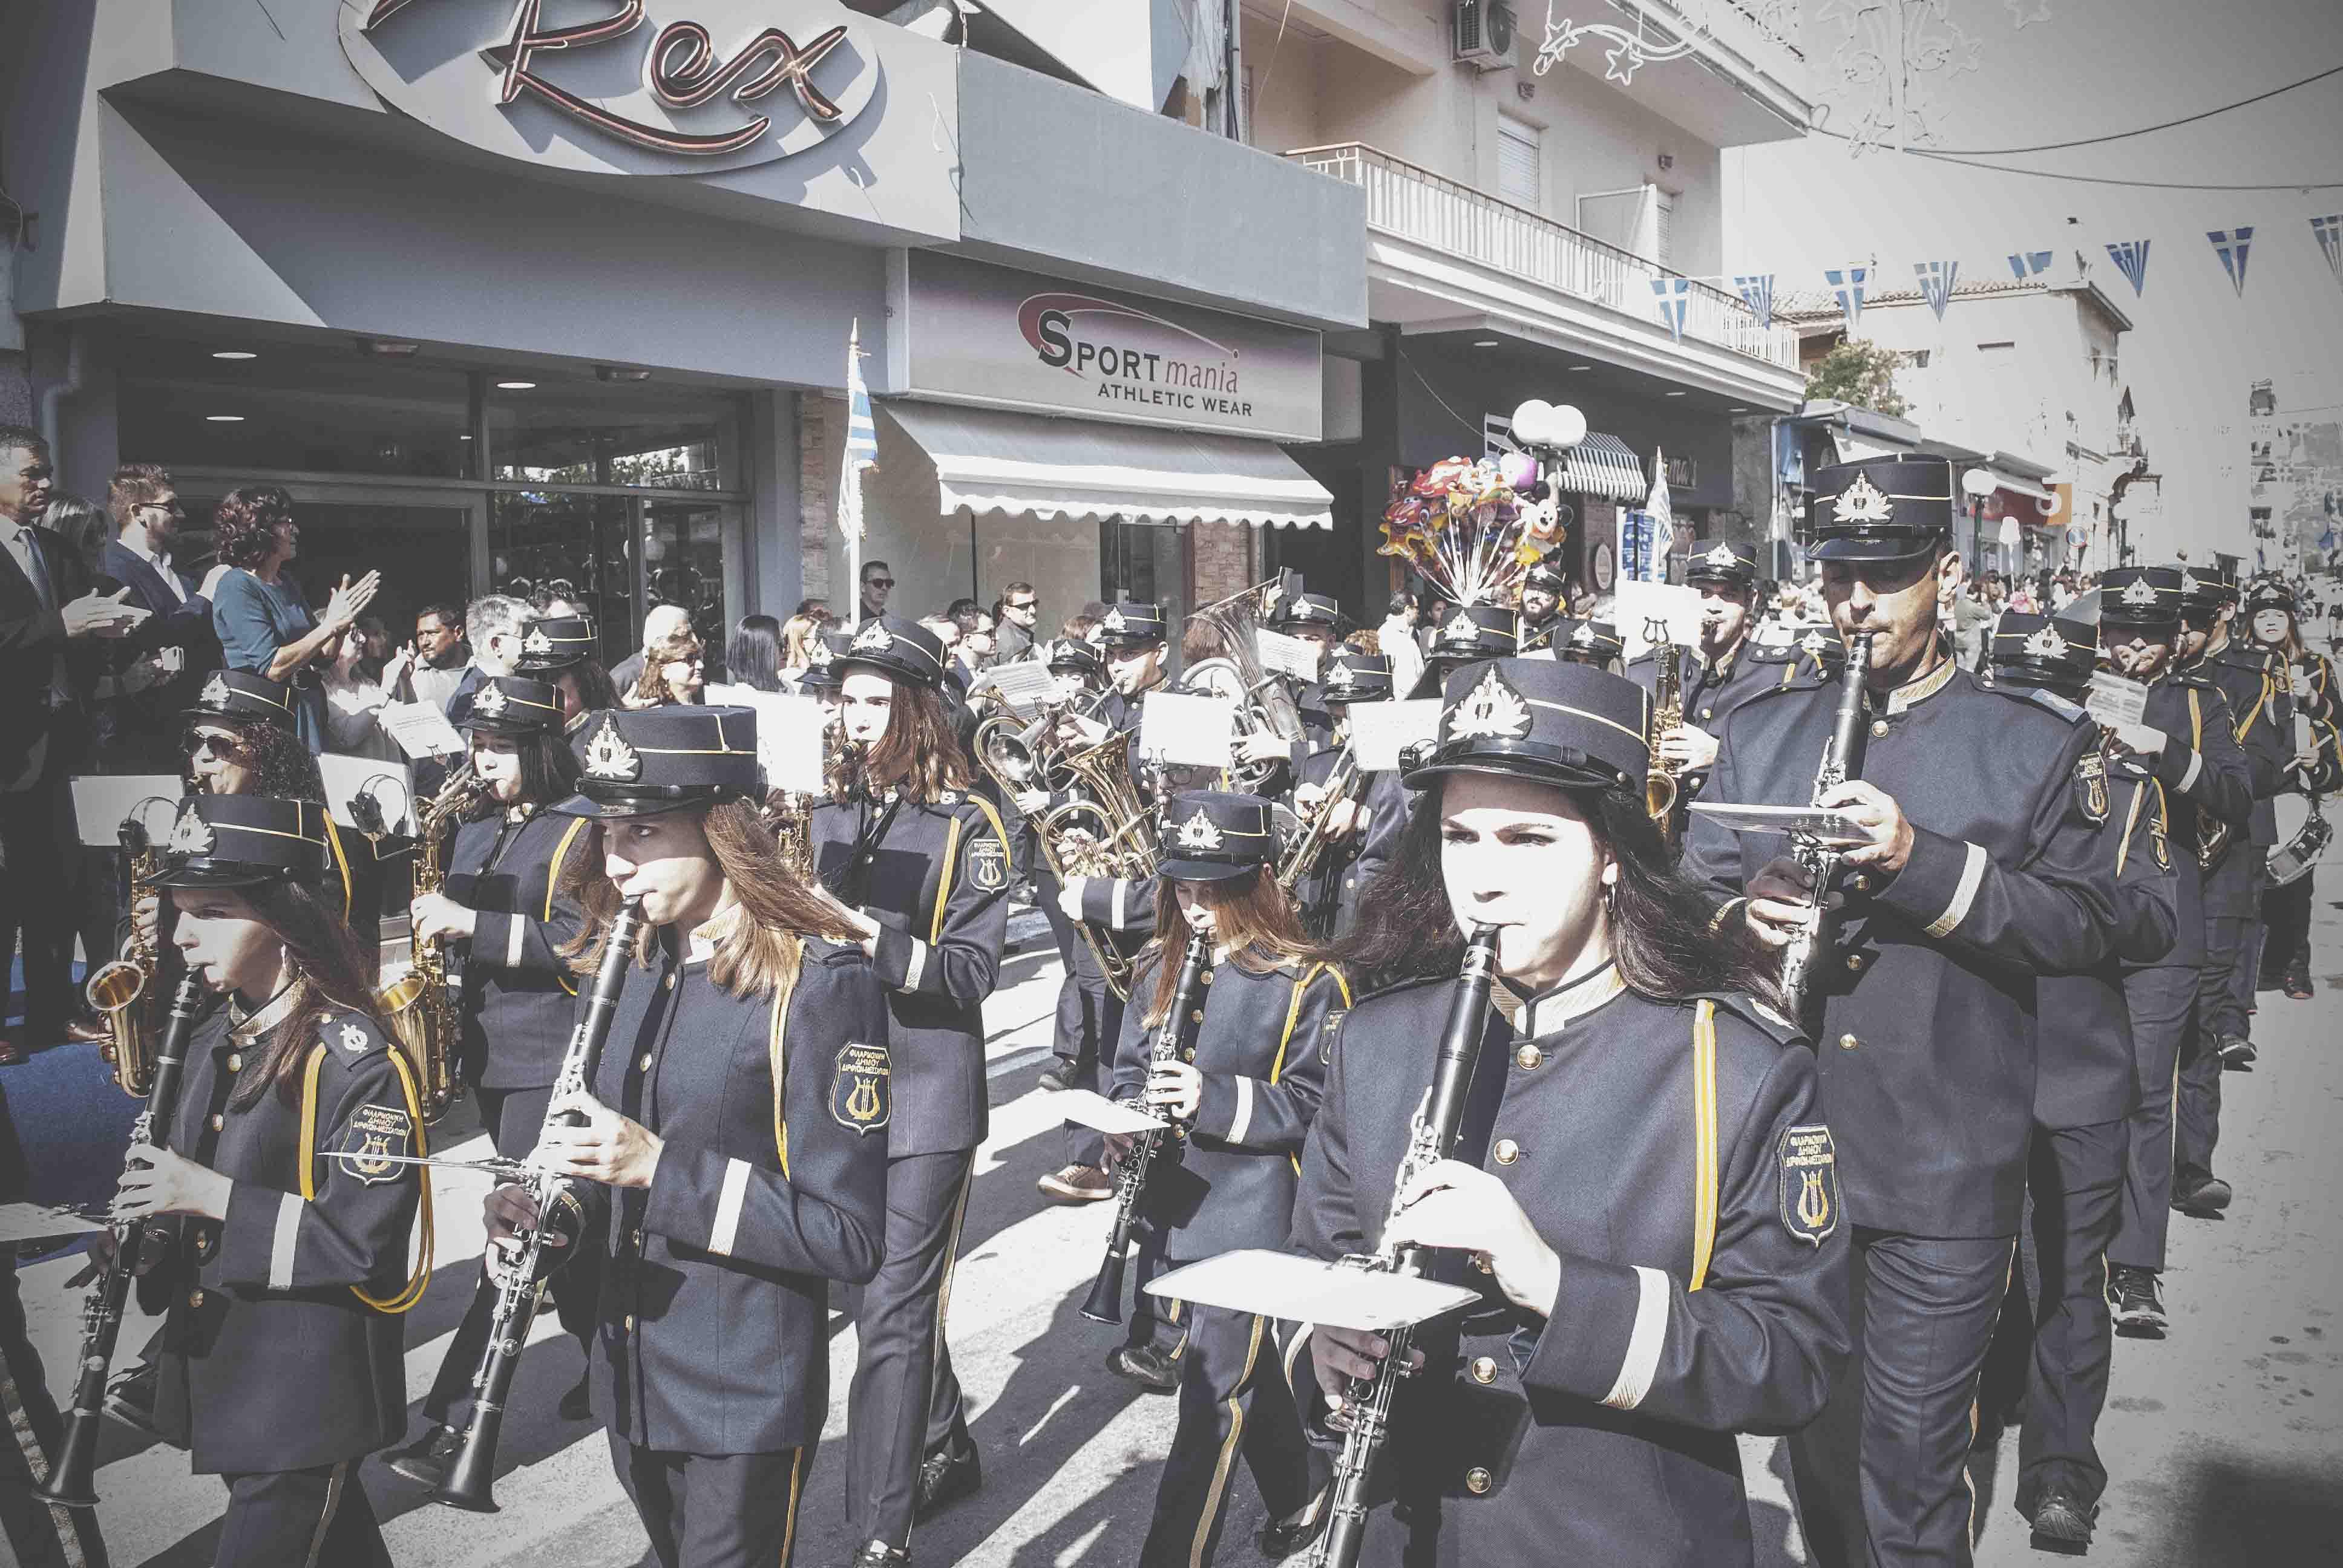 Φωτογραφικό υλικό από την παρέλαση στα Ψαχνά Φωτογραφικό υλικό από την παρέλαση στα Ψαχνά DSC 0311